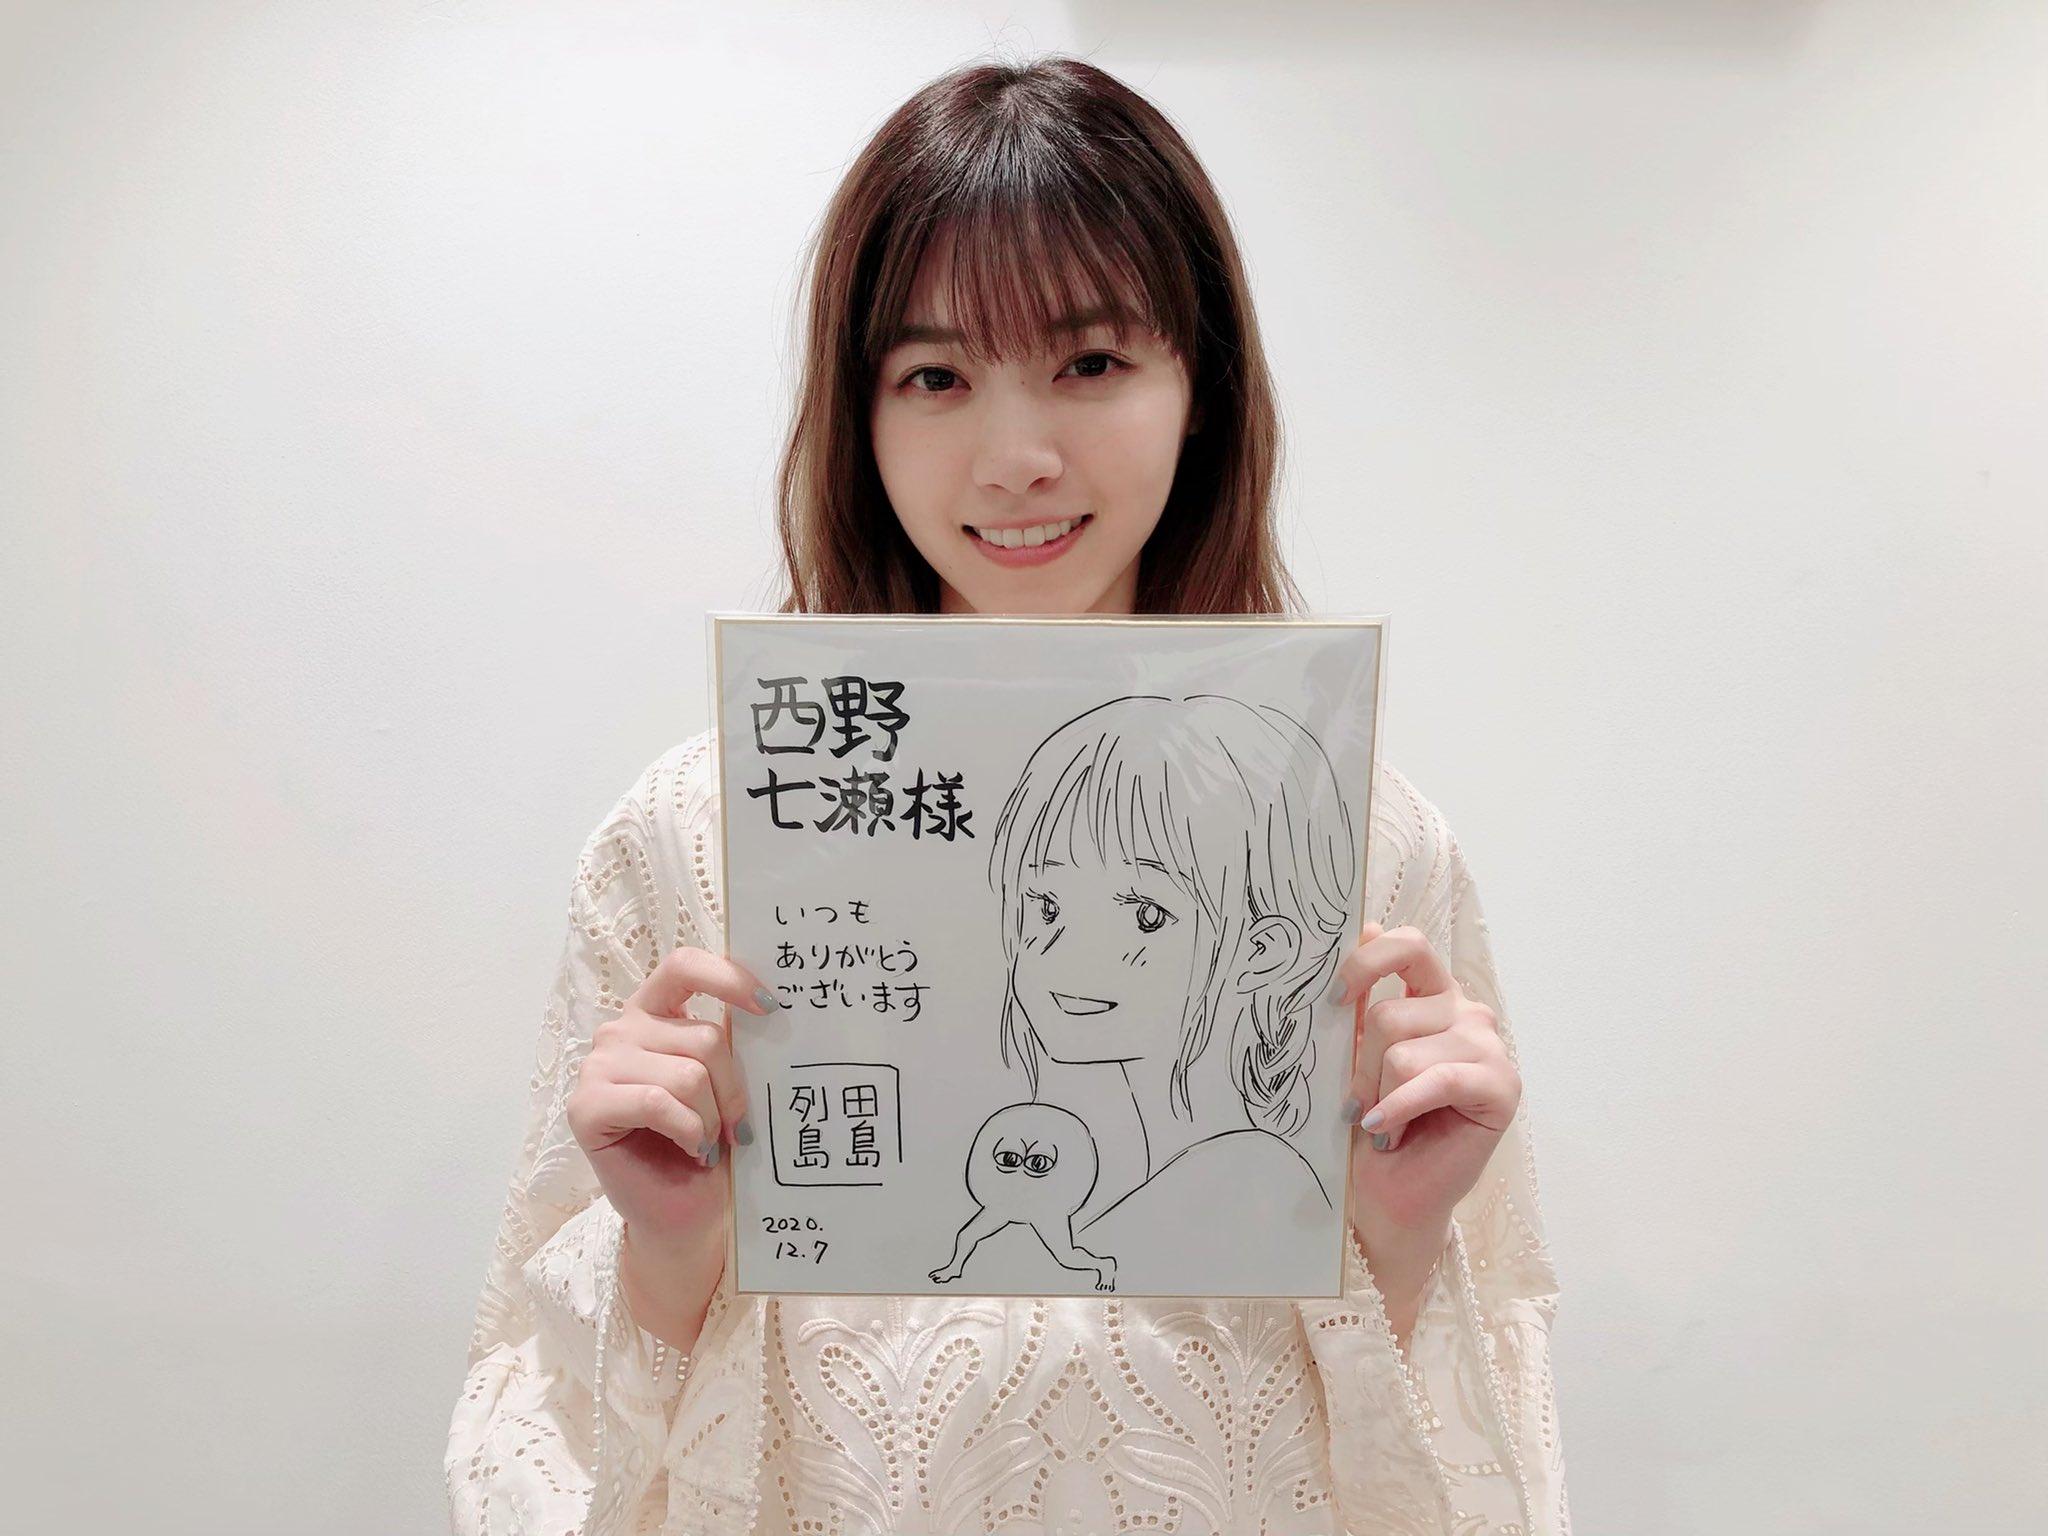 田島列島が描いた西野七瀬&どいやさん